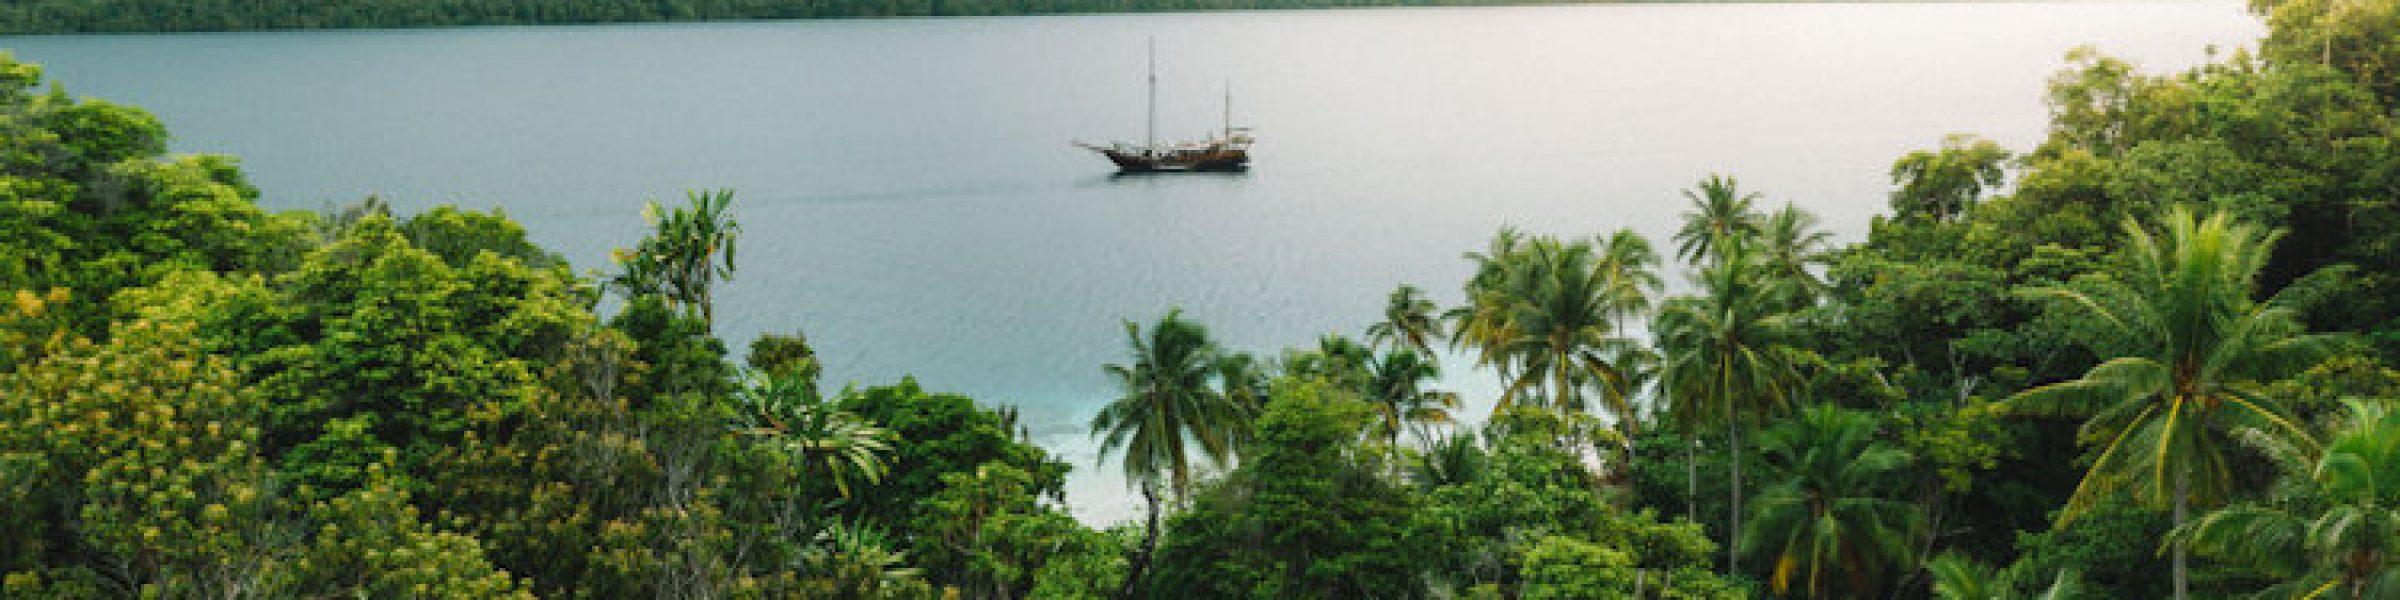 Indonesia_sailing_4